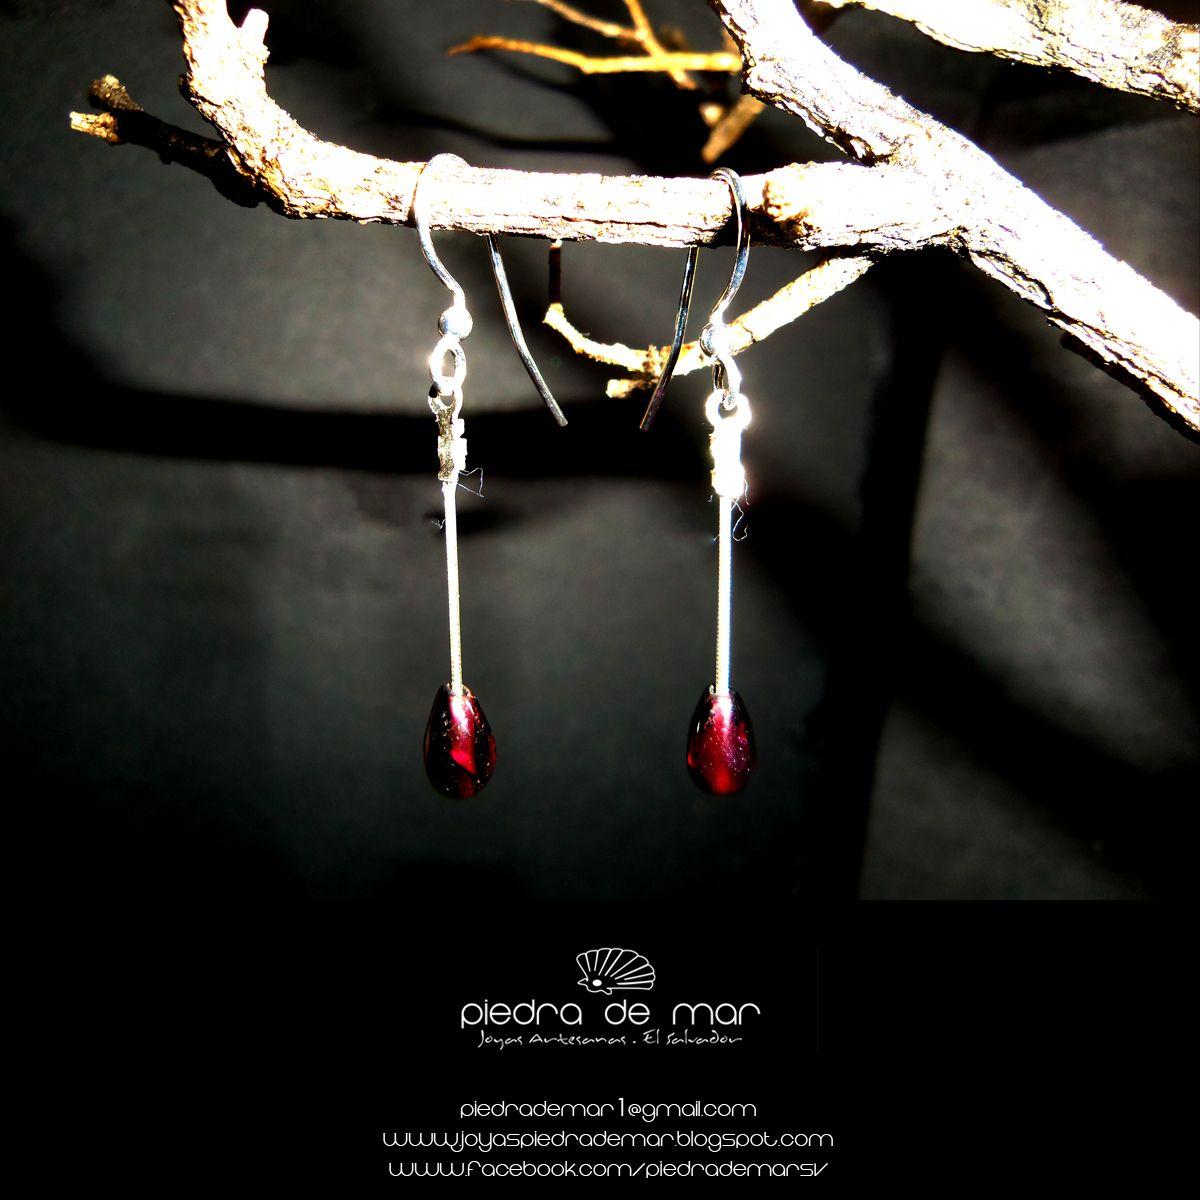 """Aretes de plata 925 con granates. 2"""" largo.  925 silver earrings with garnets. 2 """"long.  Más Información - More Information: piedrademar1@gmail.com www.joyaspiedrademar.blogspot.com"""